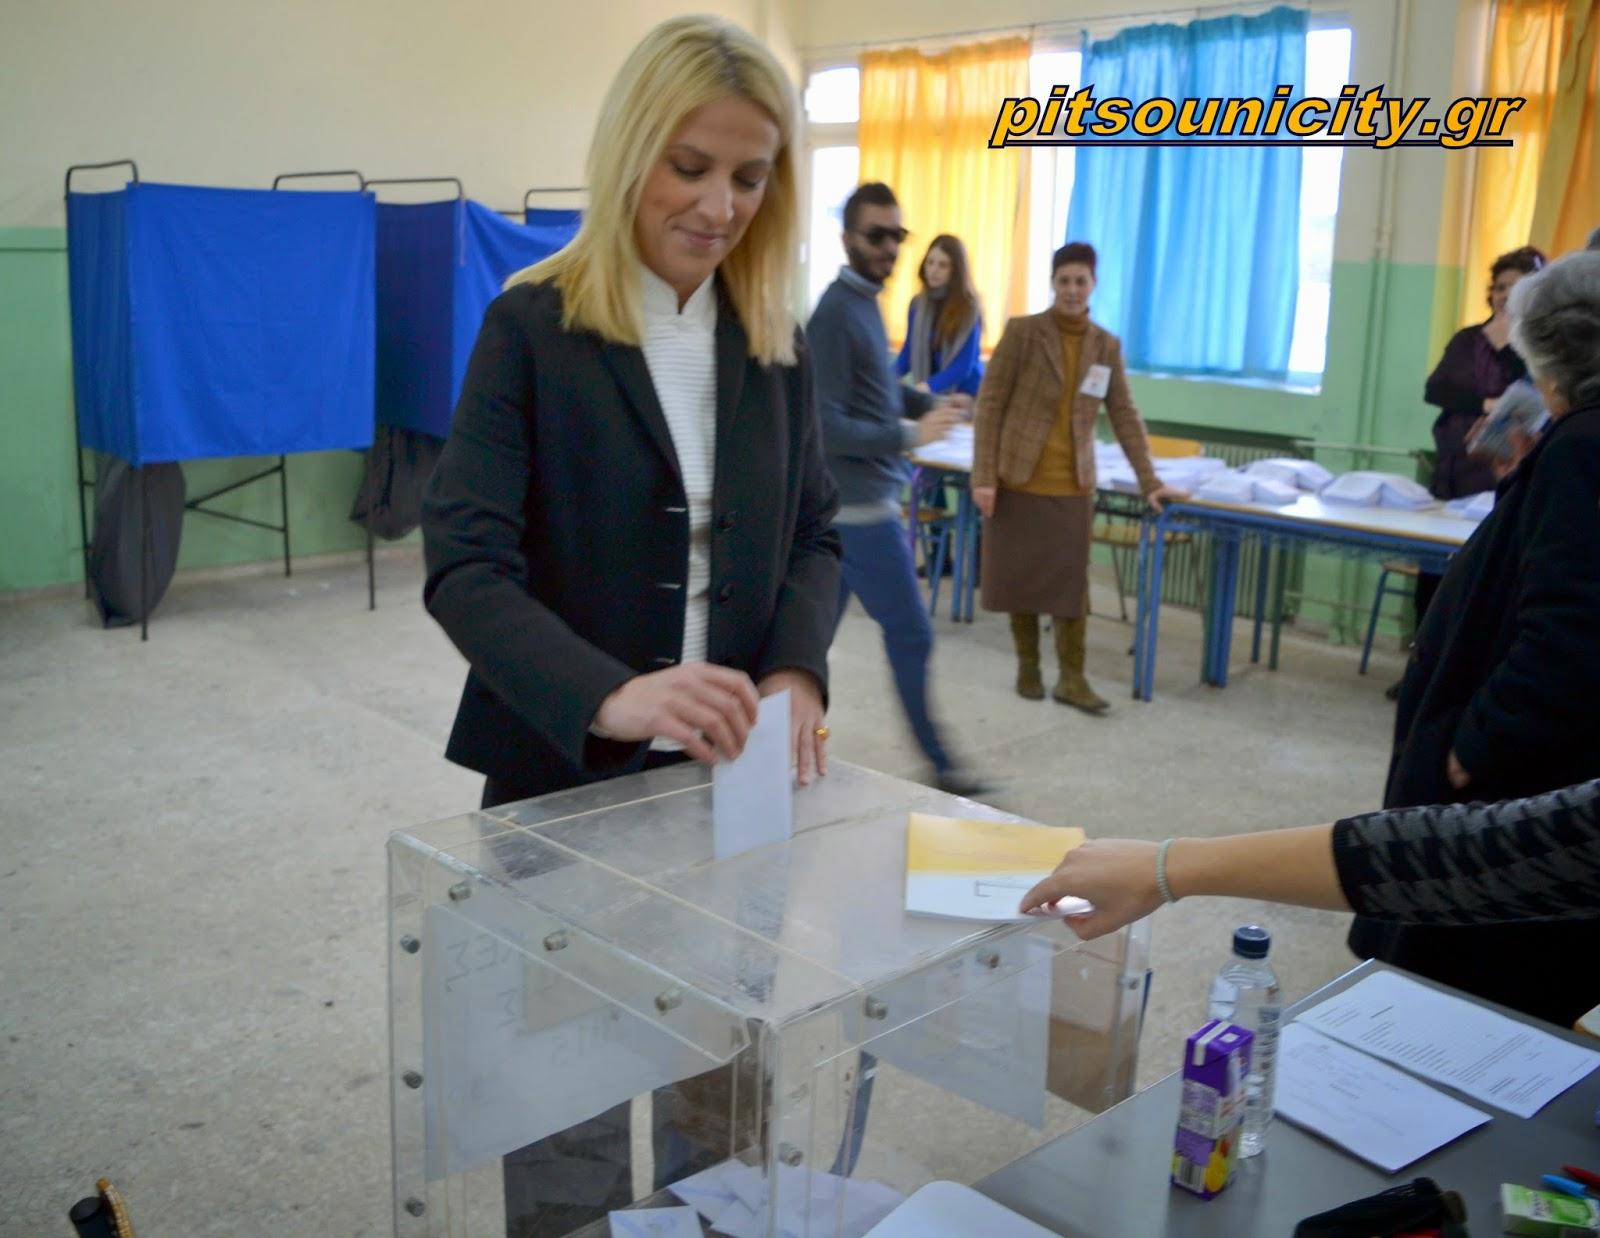 Δήλωση της Περιφερειάρχη Αττικής, Ρένας Δούρου, μετά από την άσκηση του εκλογικού της δικαιώματος (VIDEO + PHOTOS)